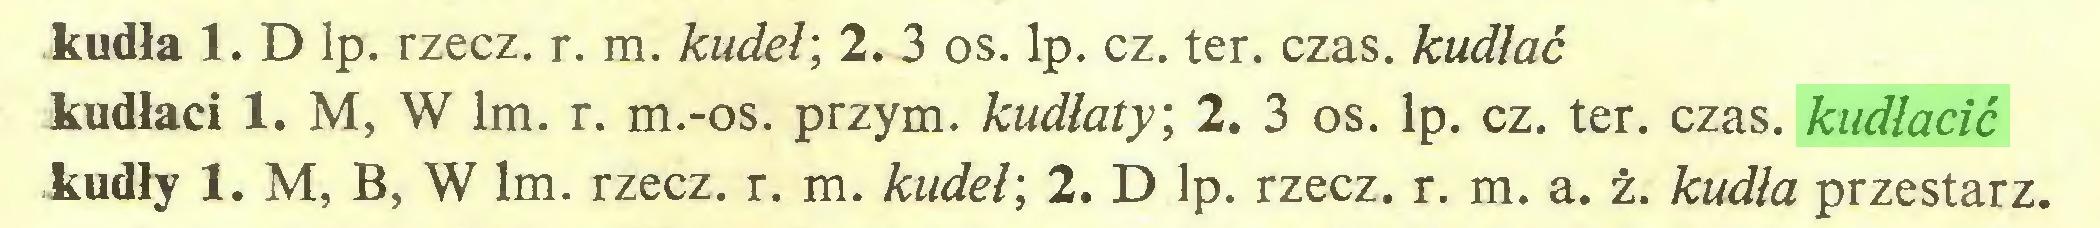 (...) kudła 1. D lp. rzecz. r. m. kudeł', 2. 3 os. lp. cz. ter. czas. kudłać kudłaci 1. M, W lm. r. m.-os. przym. kudłaty, 2. 3 os. lp. cz. ter. czas. kudłacić kudły 1. M, B, W lm. rzecz. r. m. kudeł', 2. D lp. rzecz. r. m. a. ż. kudła przestarz...